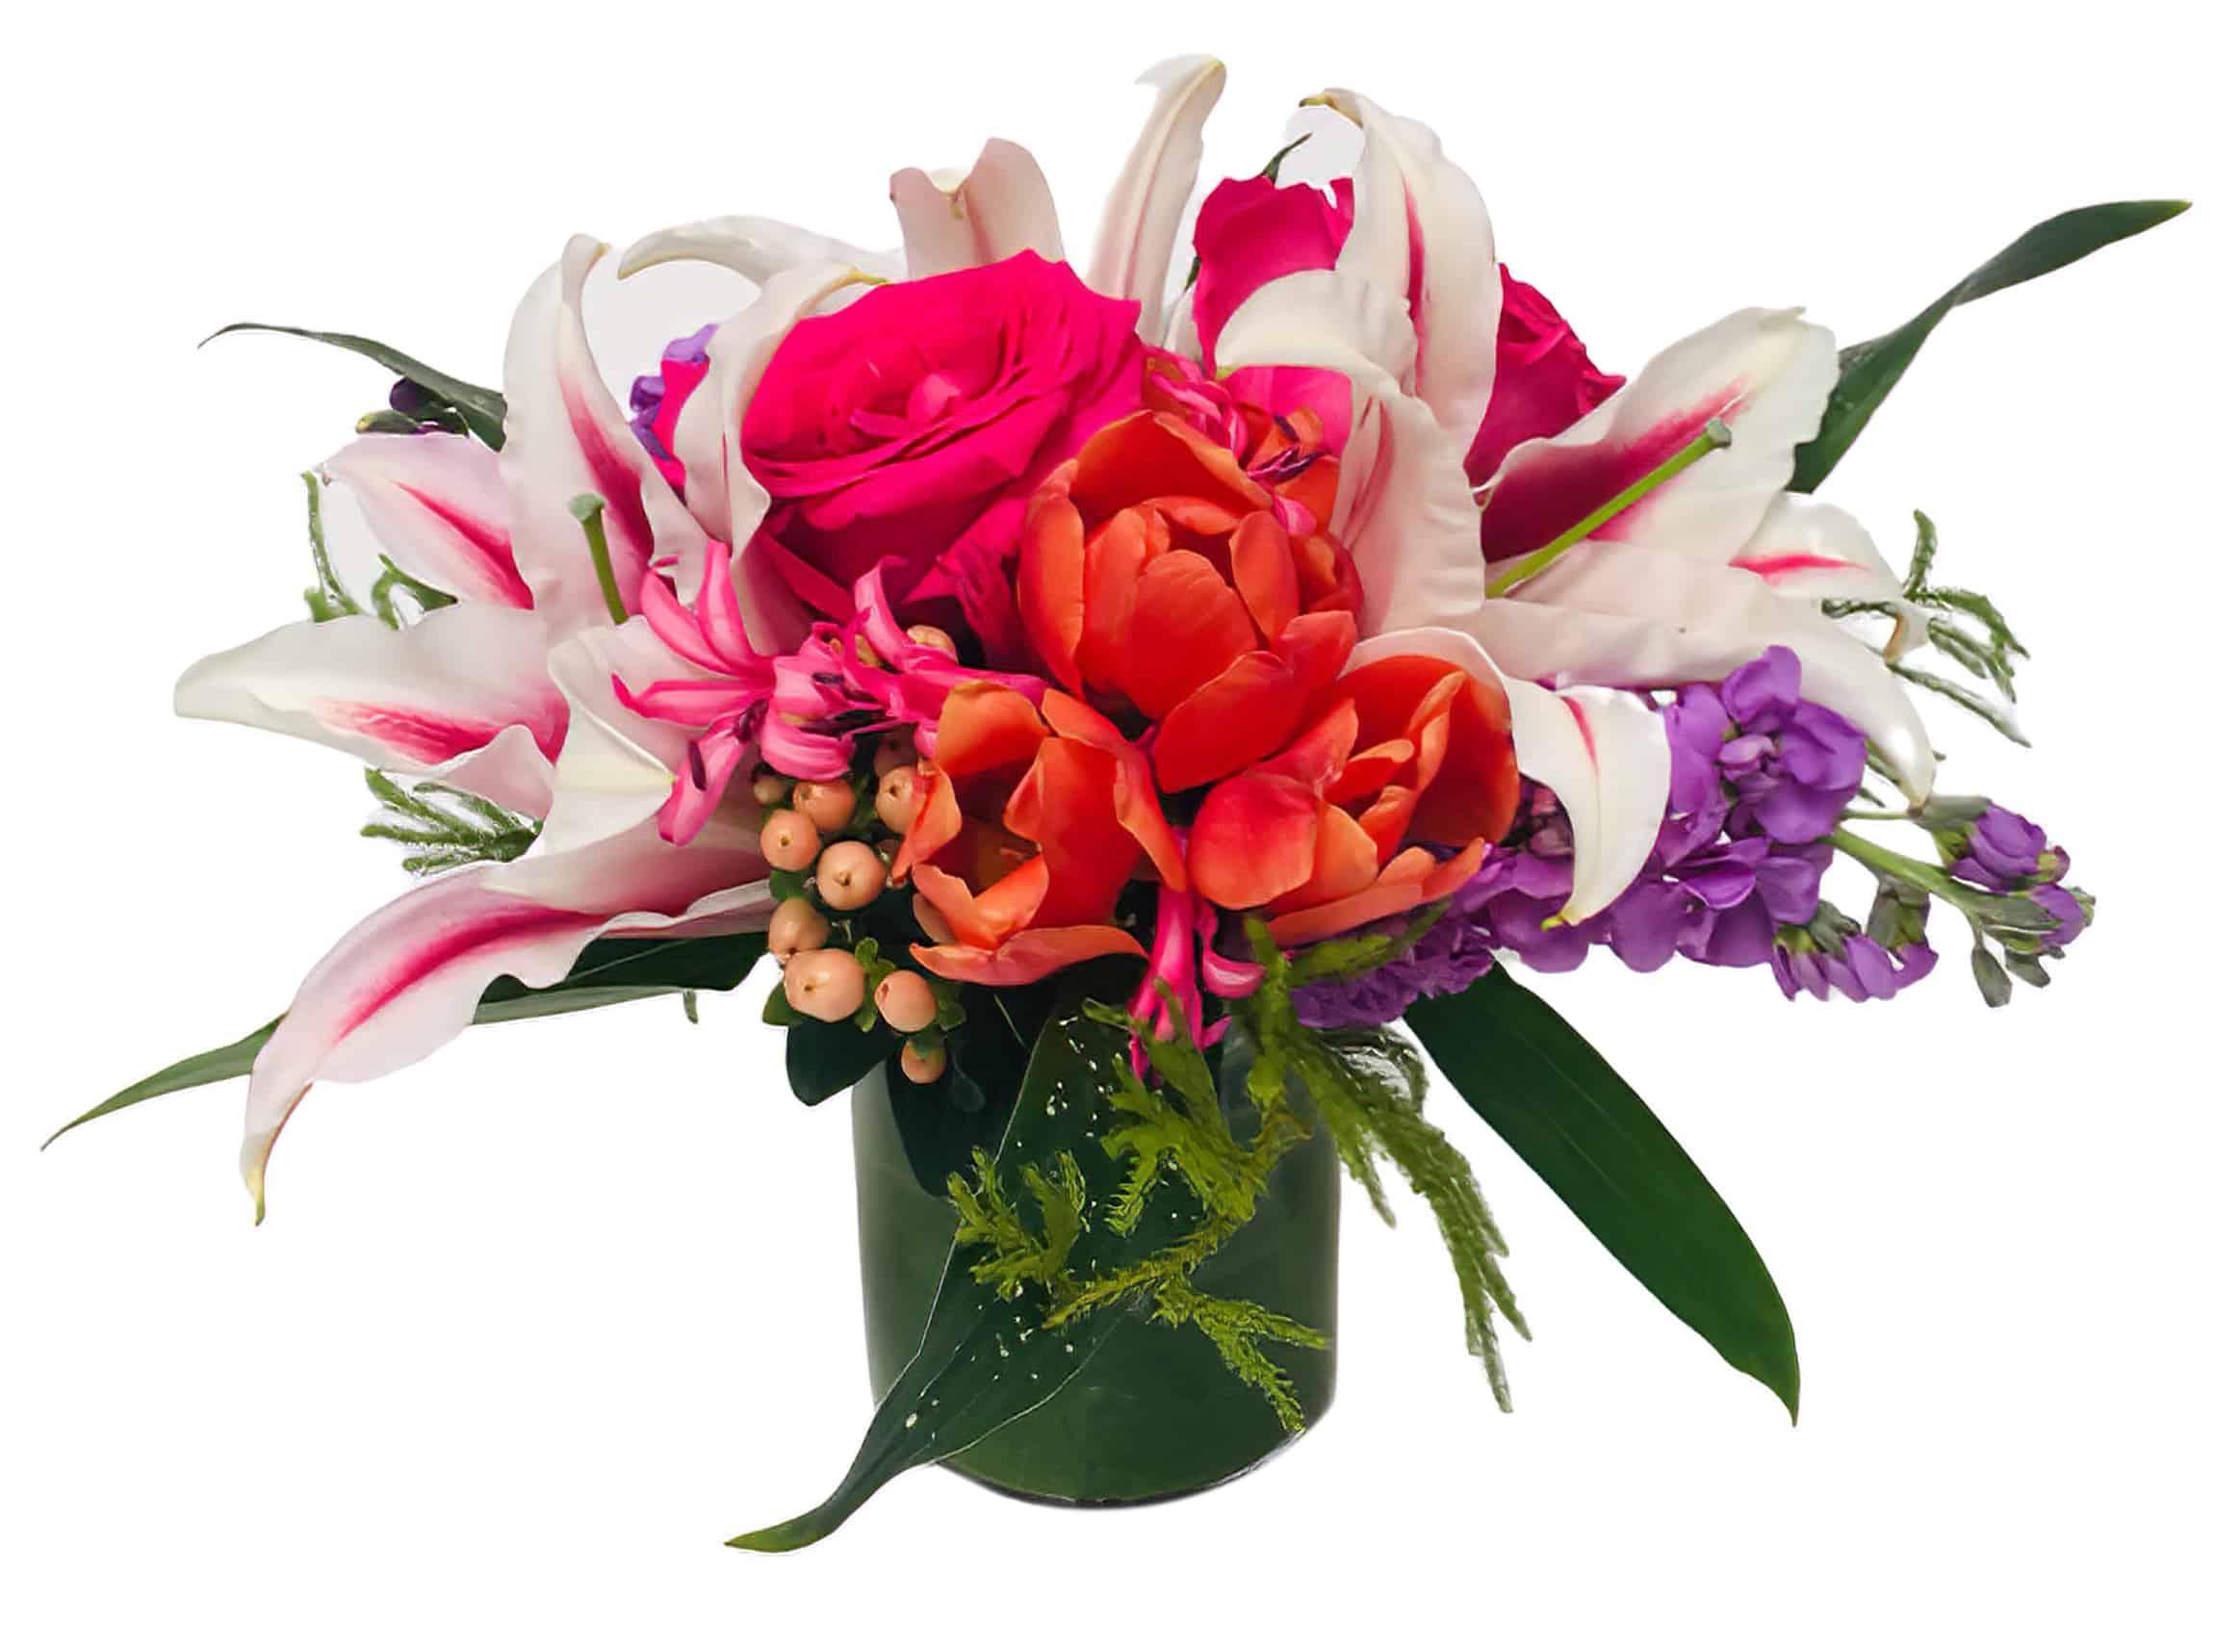 Barpula Fiori Flower Arrangement